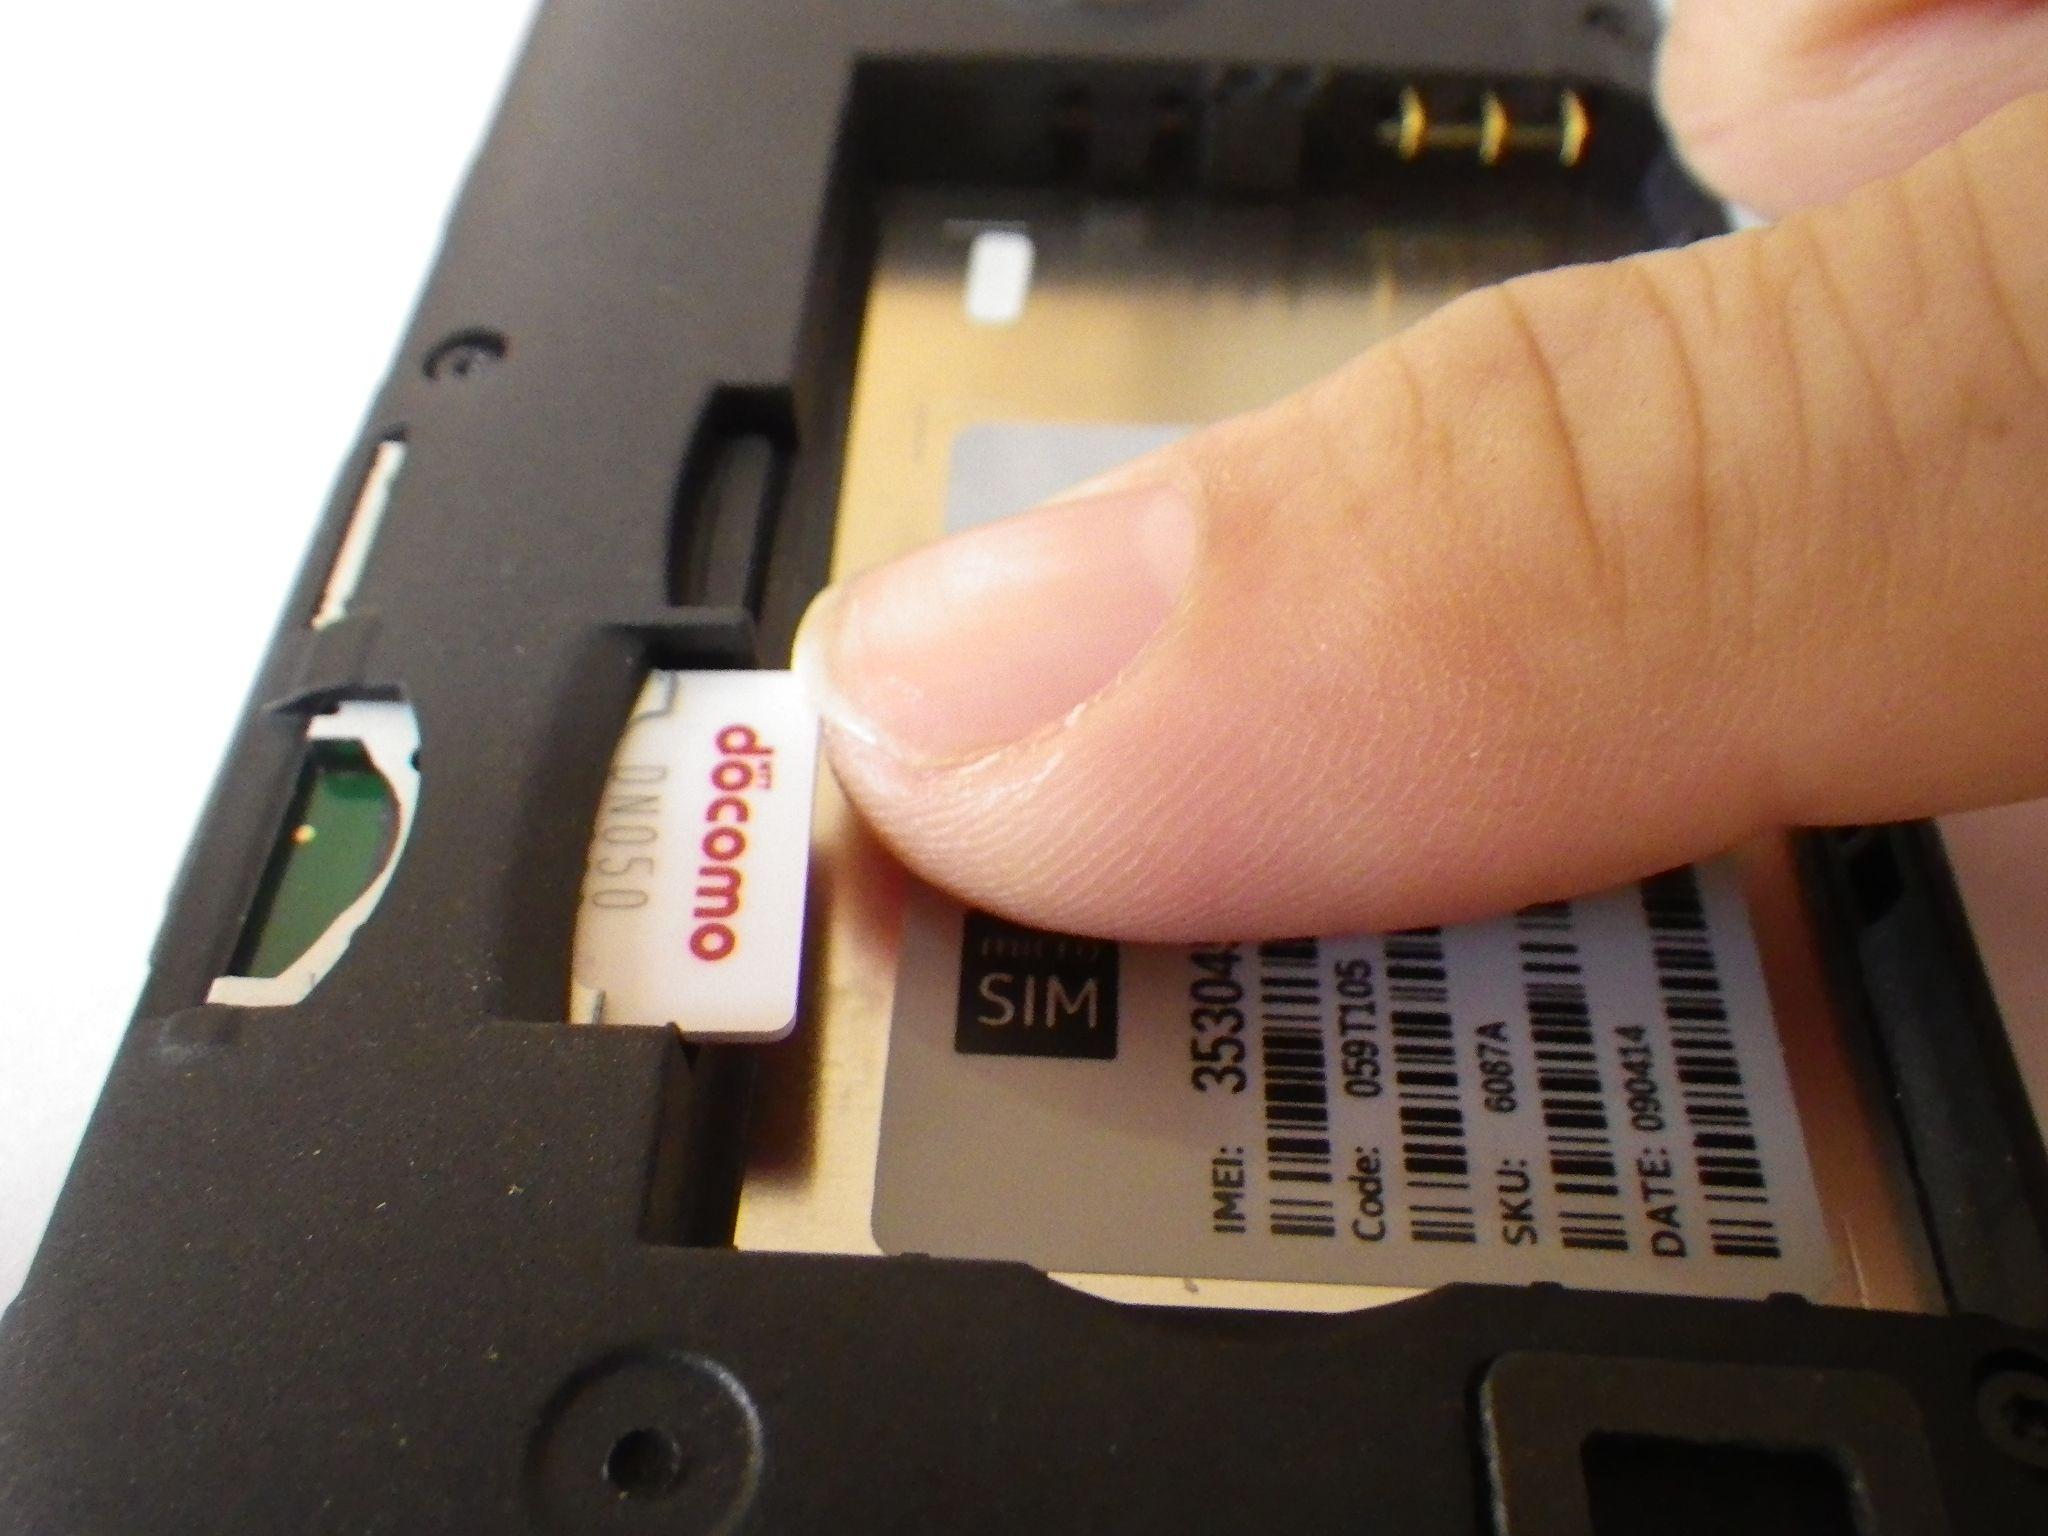 ノキア Lumia 520:SIMを入れて設定する【通話・ネットに接続・テザリング】